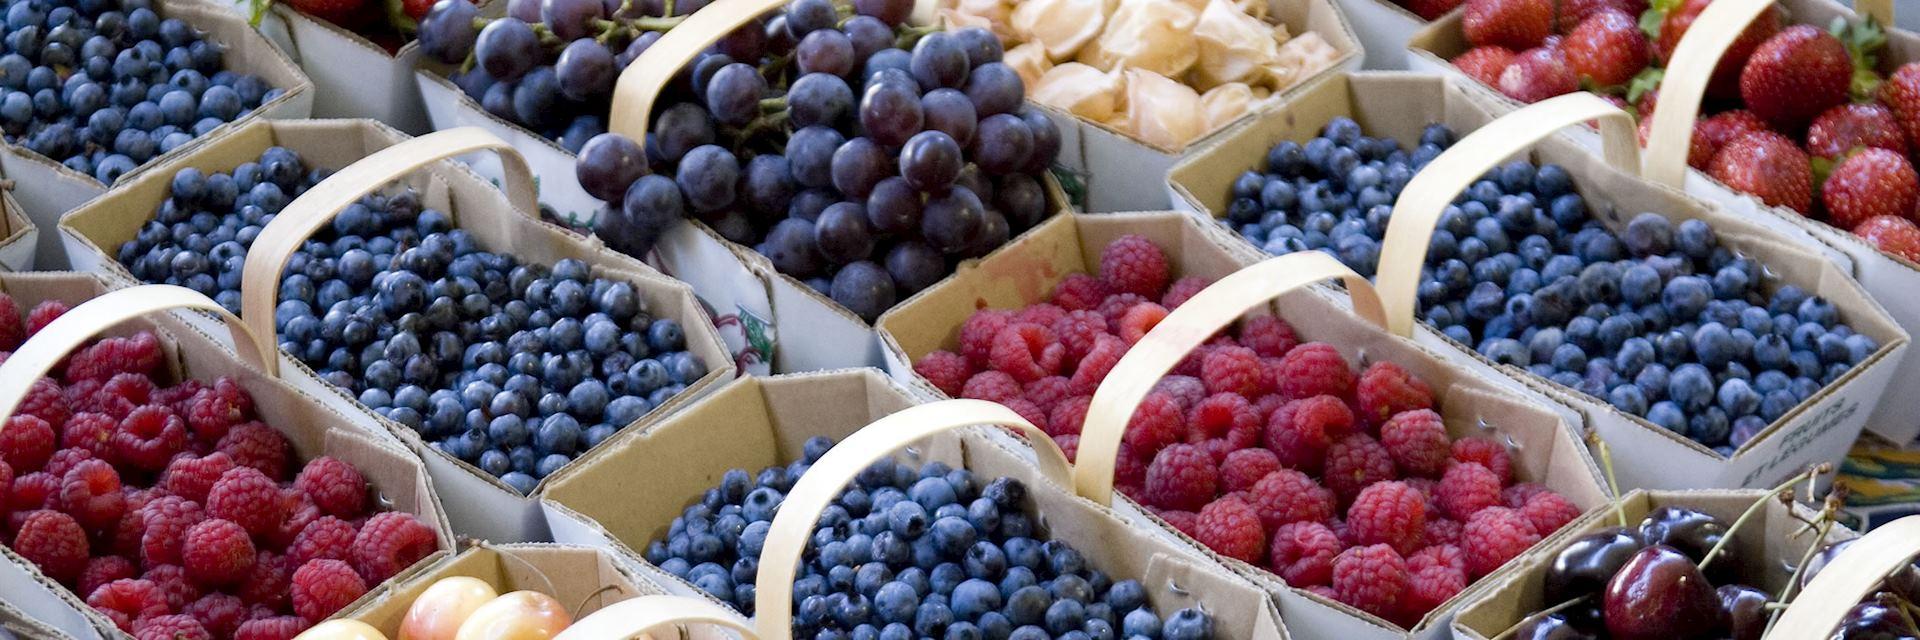 Montréal fruit market